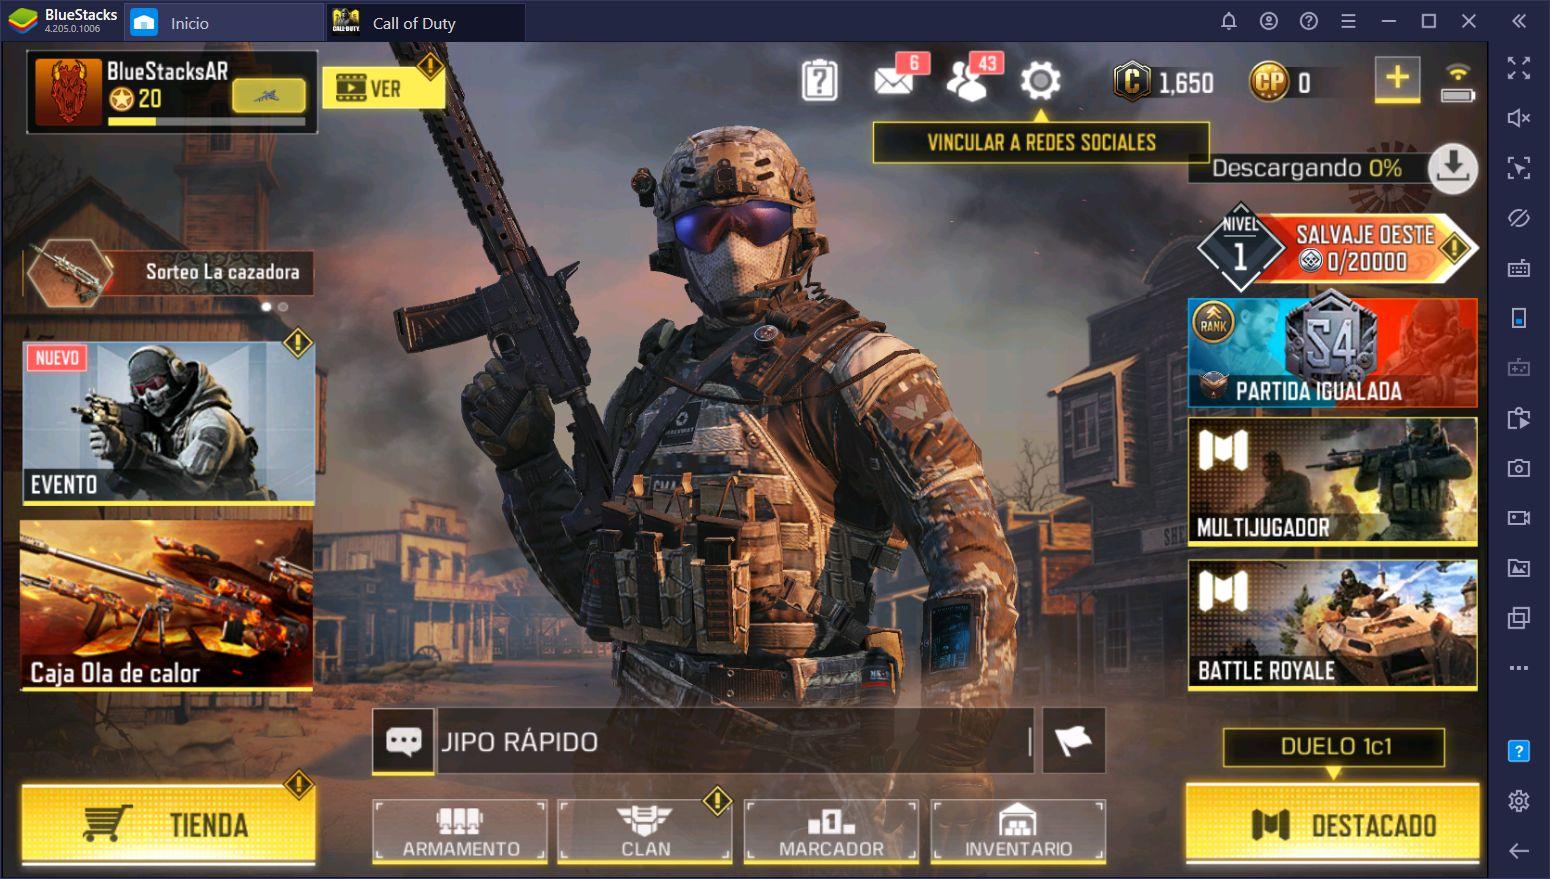 Call of Duty: Mobile en PC con BlueStacks – Compilación de las Mejores Guías Para Mejorar tu Experiencia de Juego